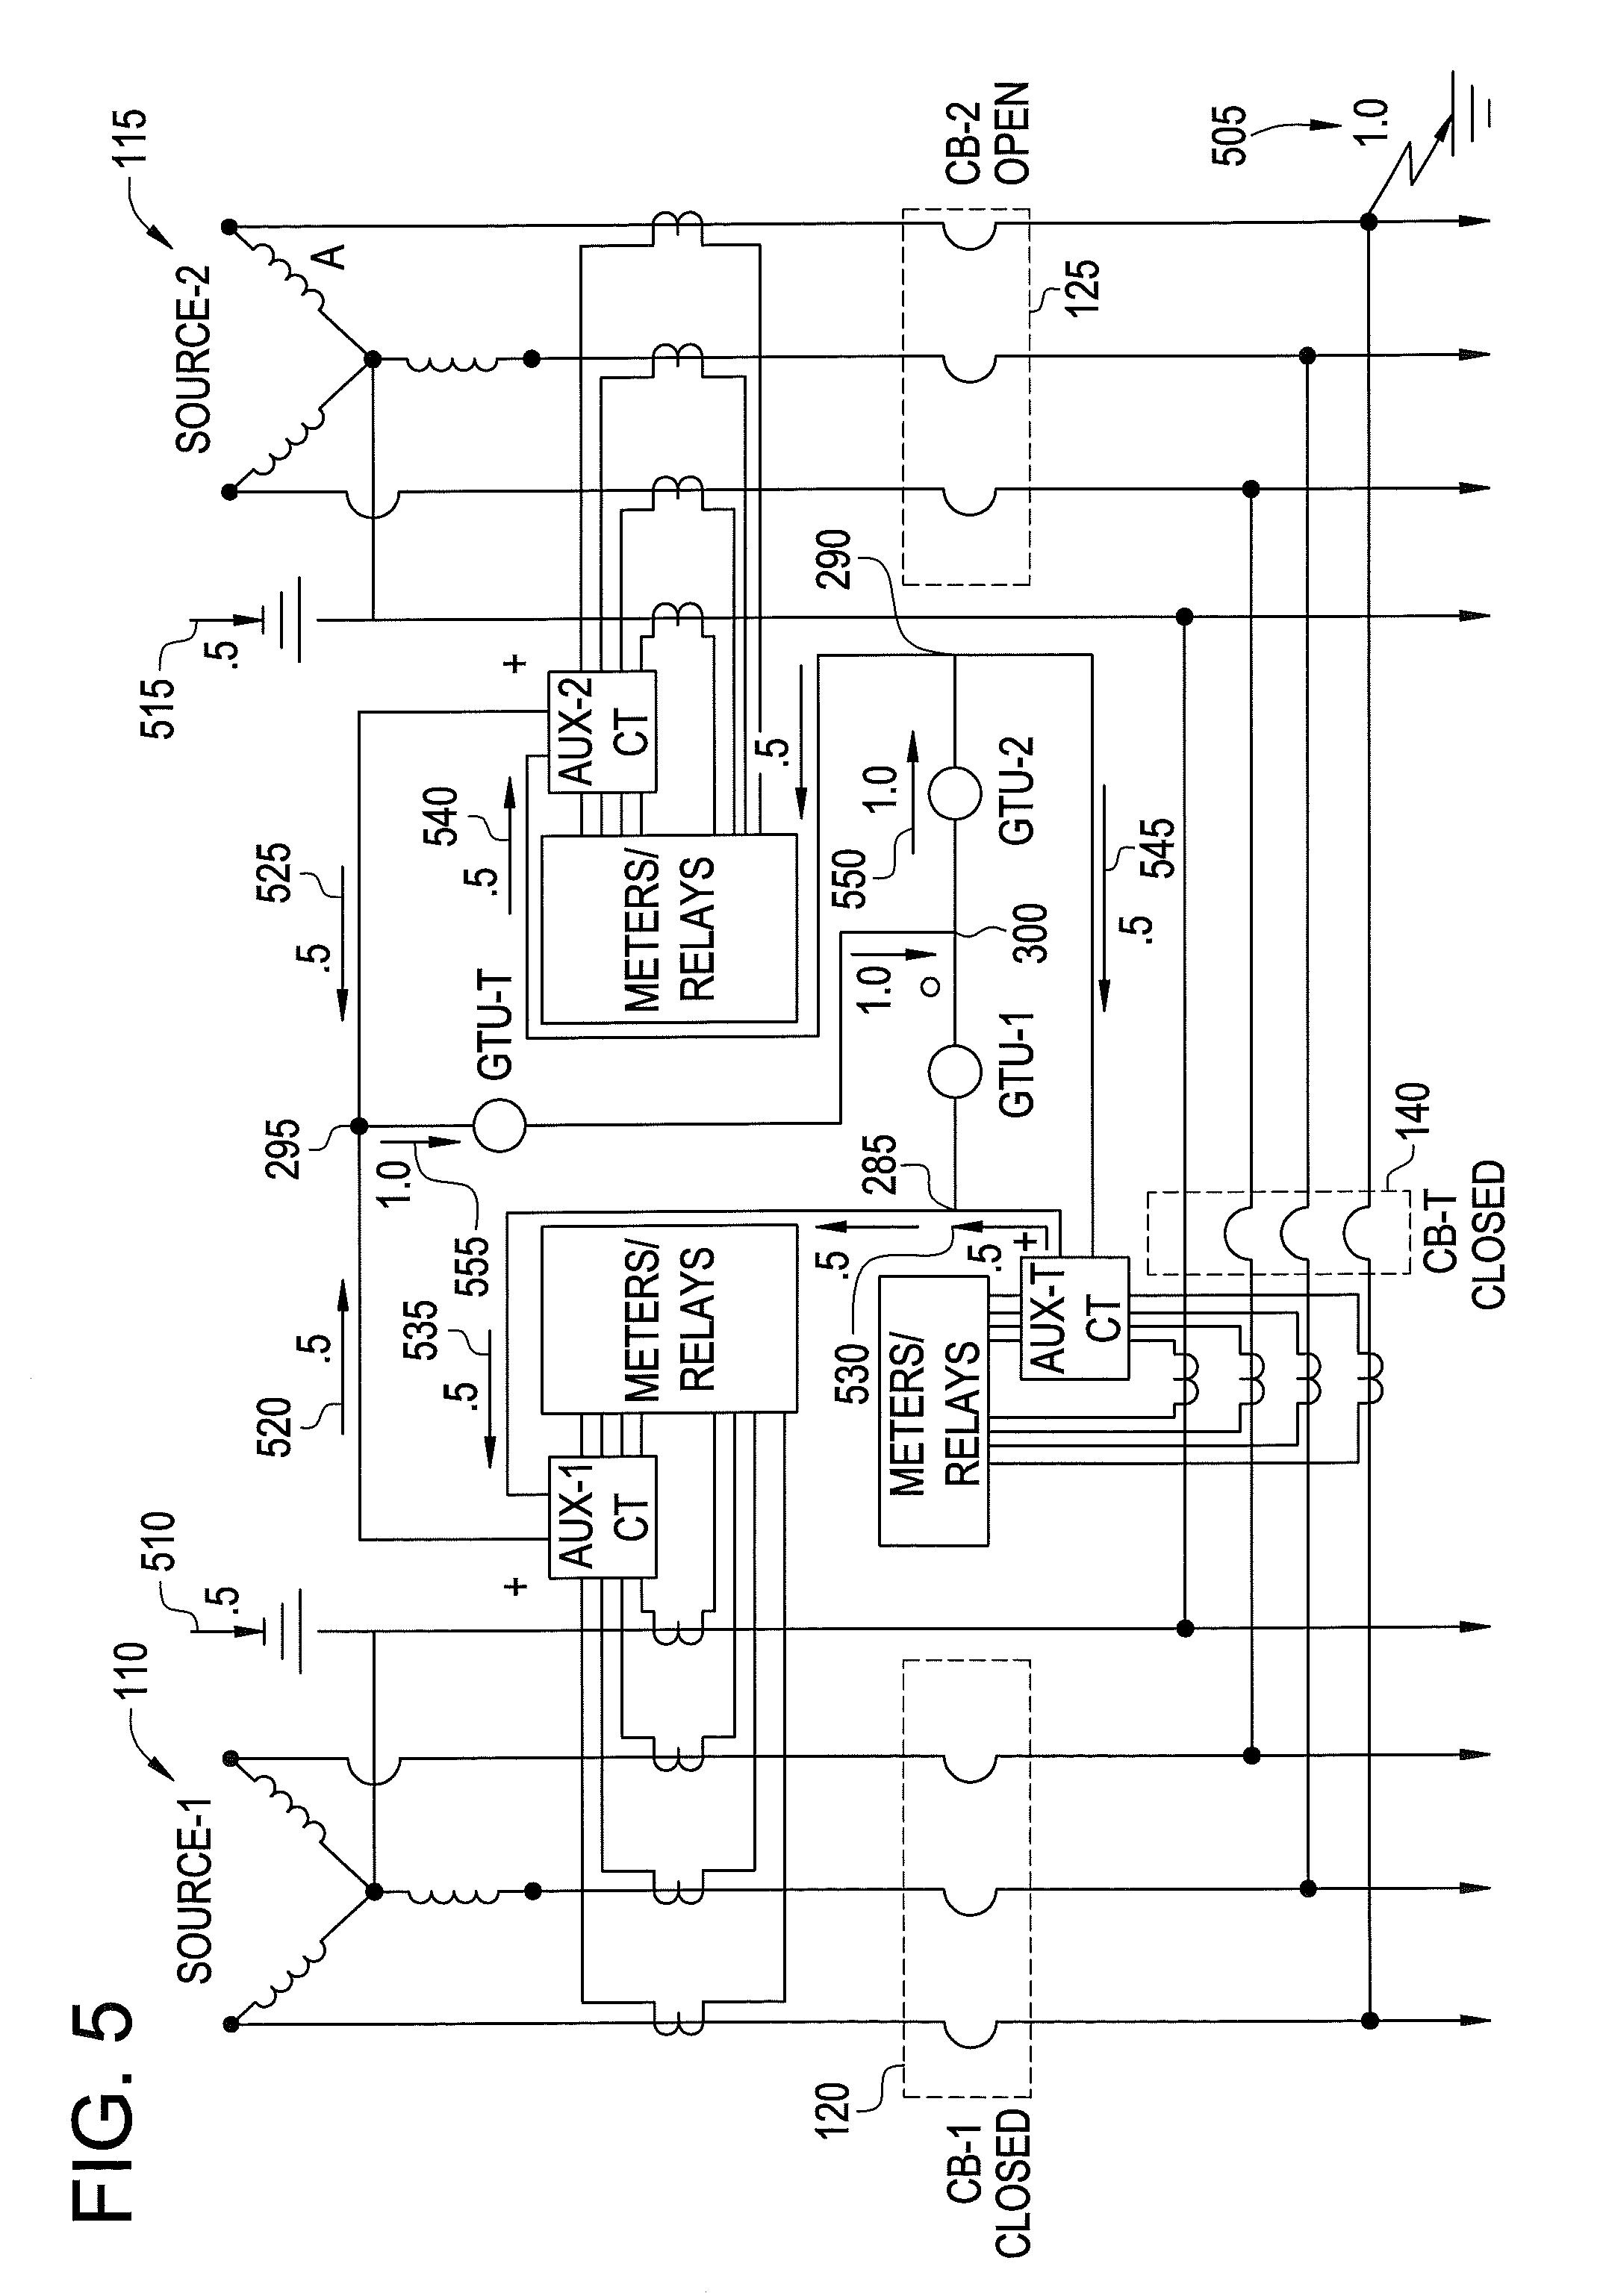 patent us7995315